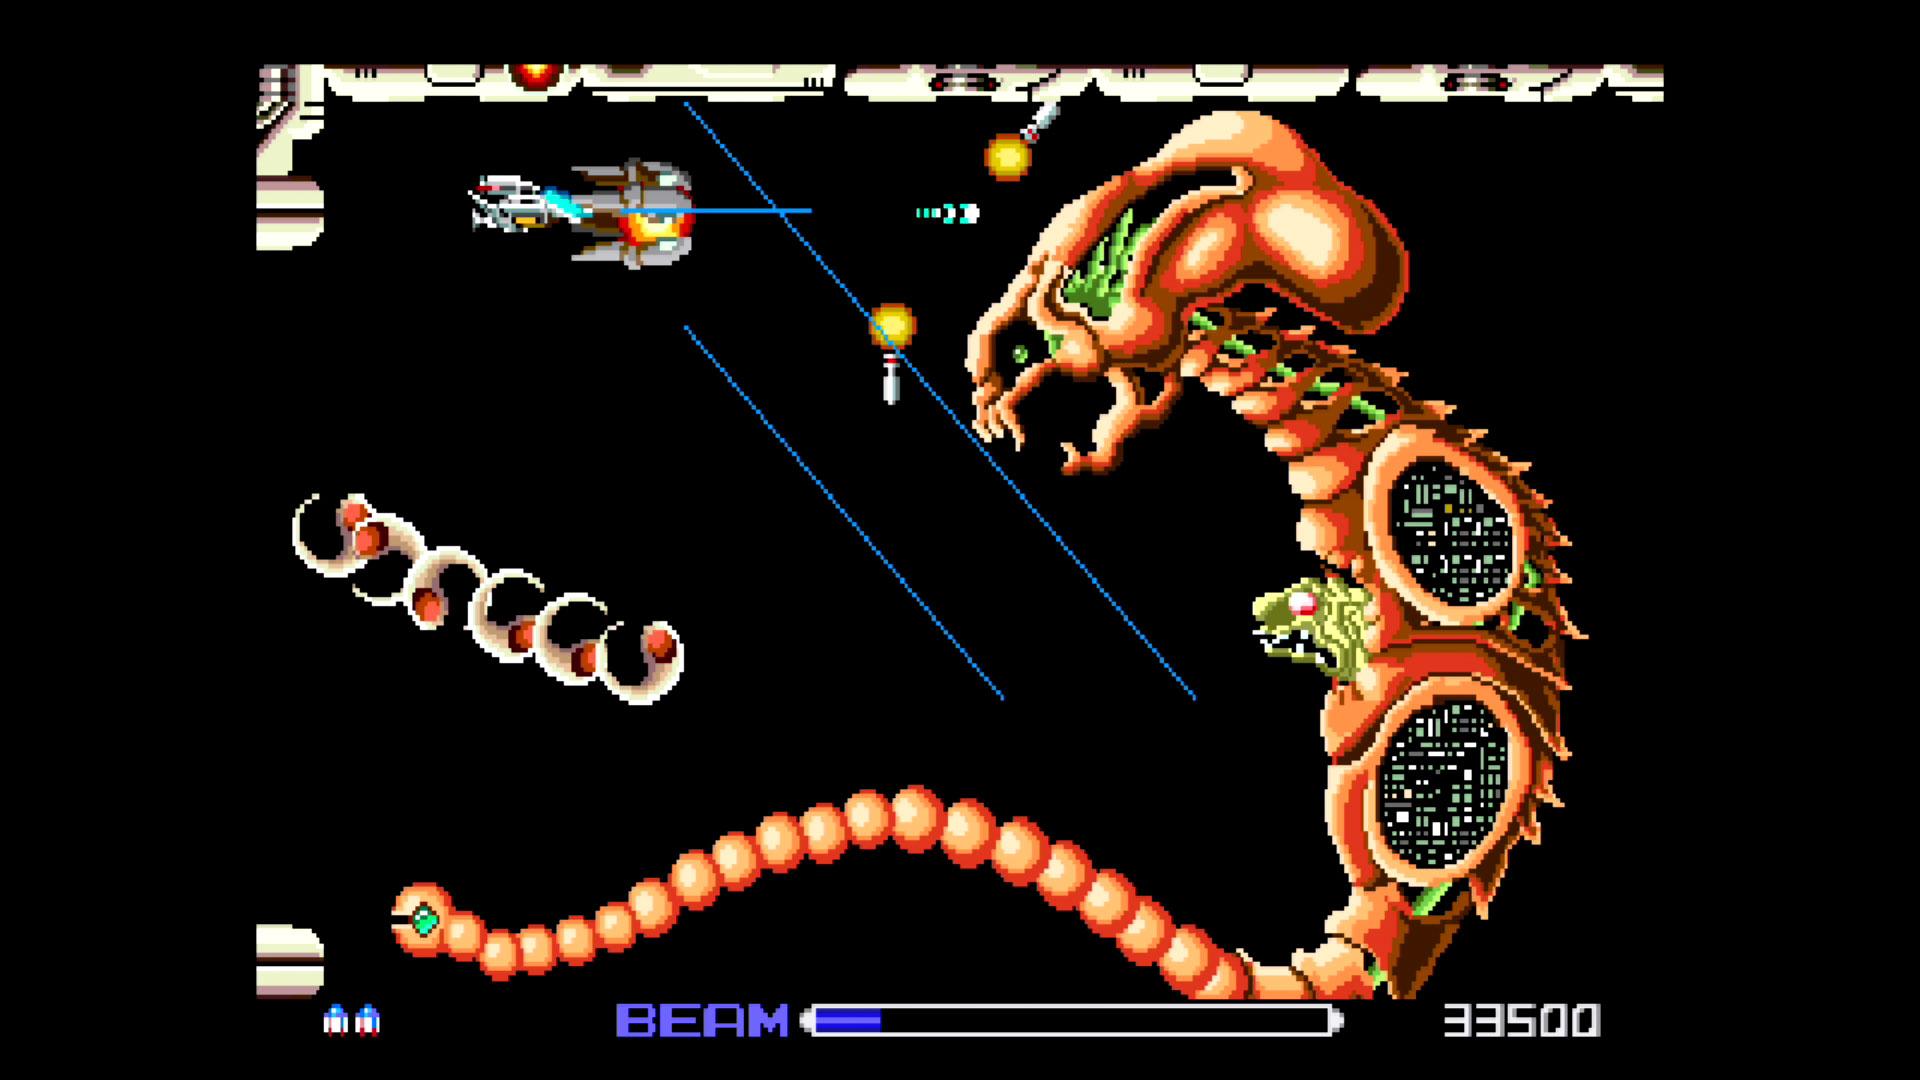 こちらは初代「R-TYPE」(PCエンジン版)。ゲームのパッケージにも描かれた大きいキャラは、1面のラストに登場するボス「ドブケラドプス」。